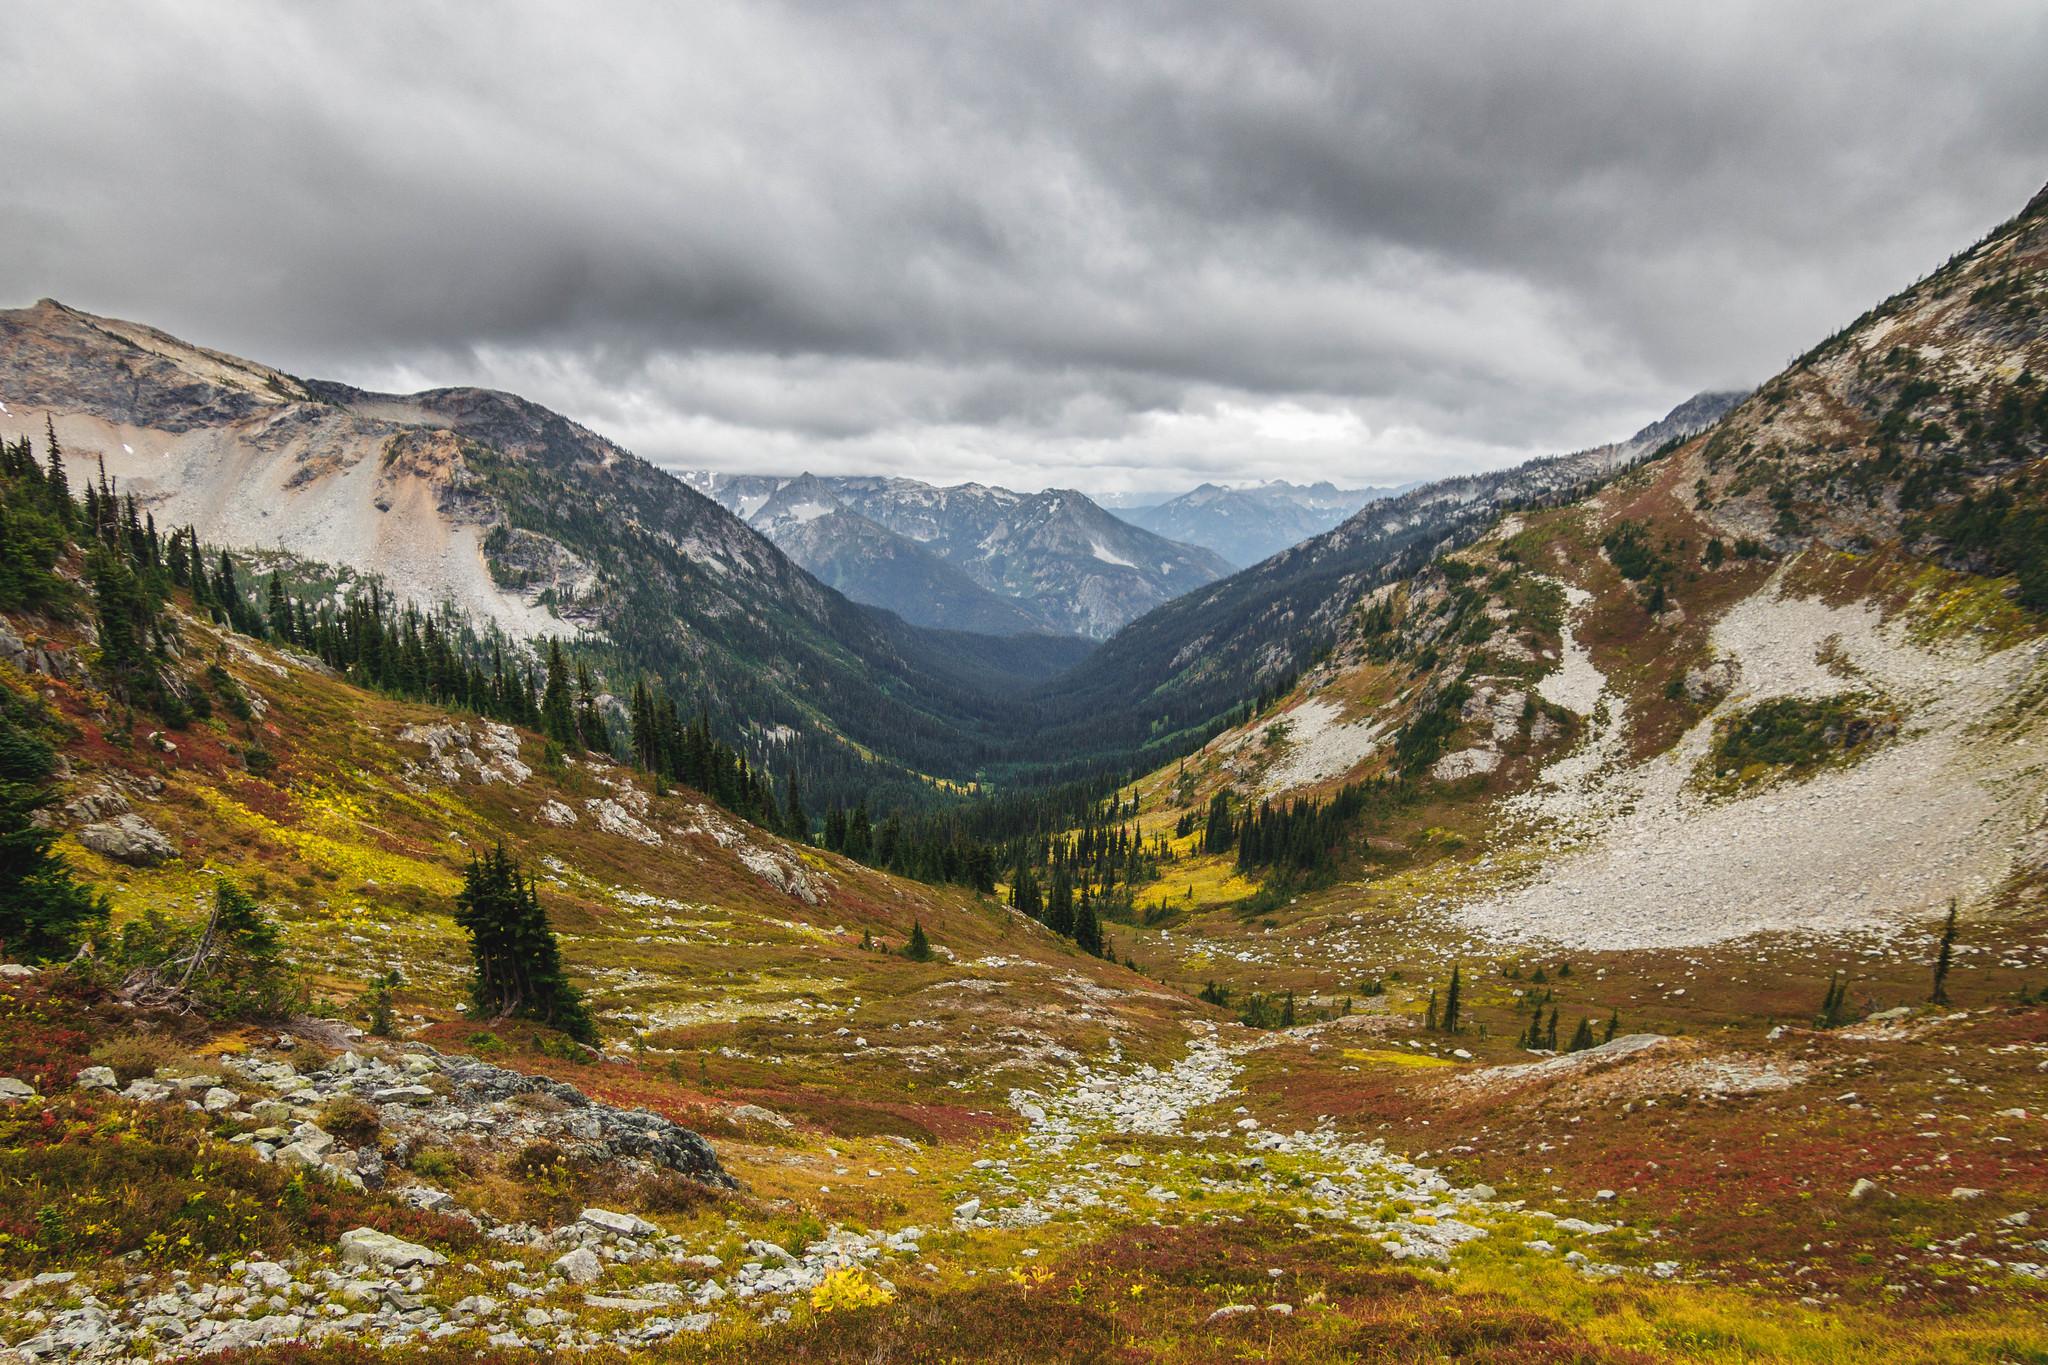 Maple Creek Basin